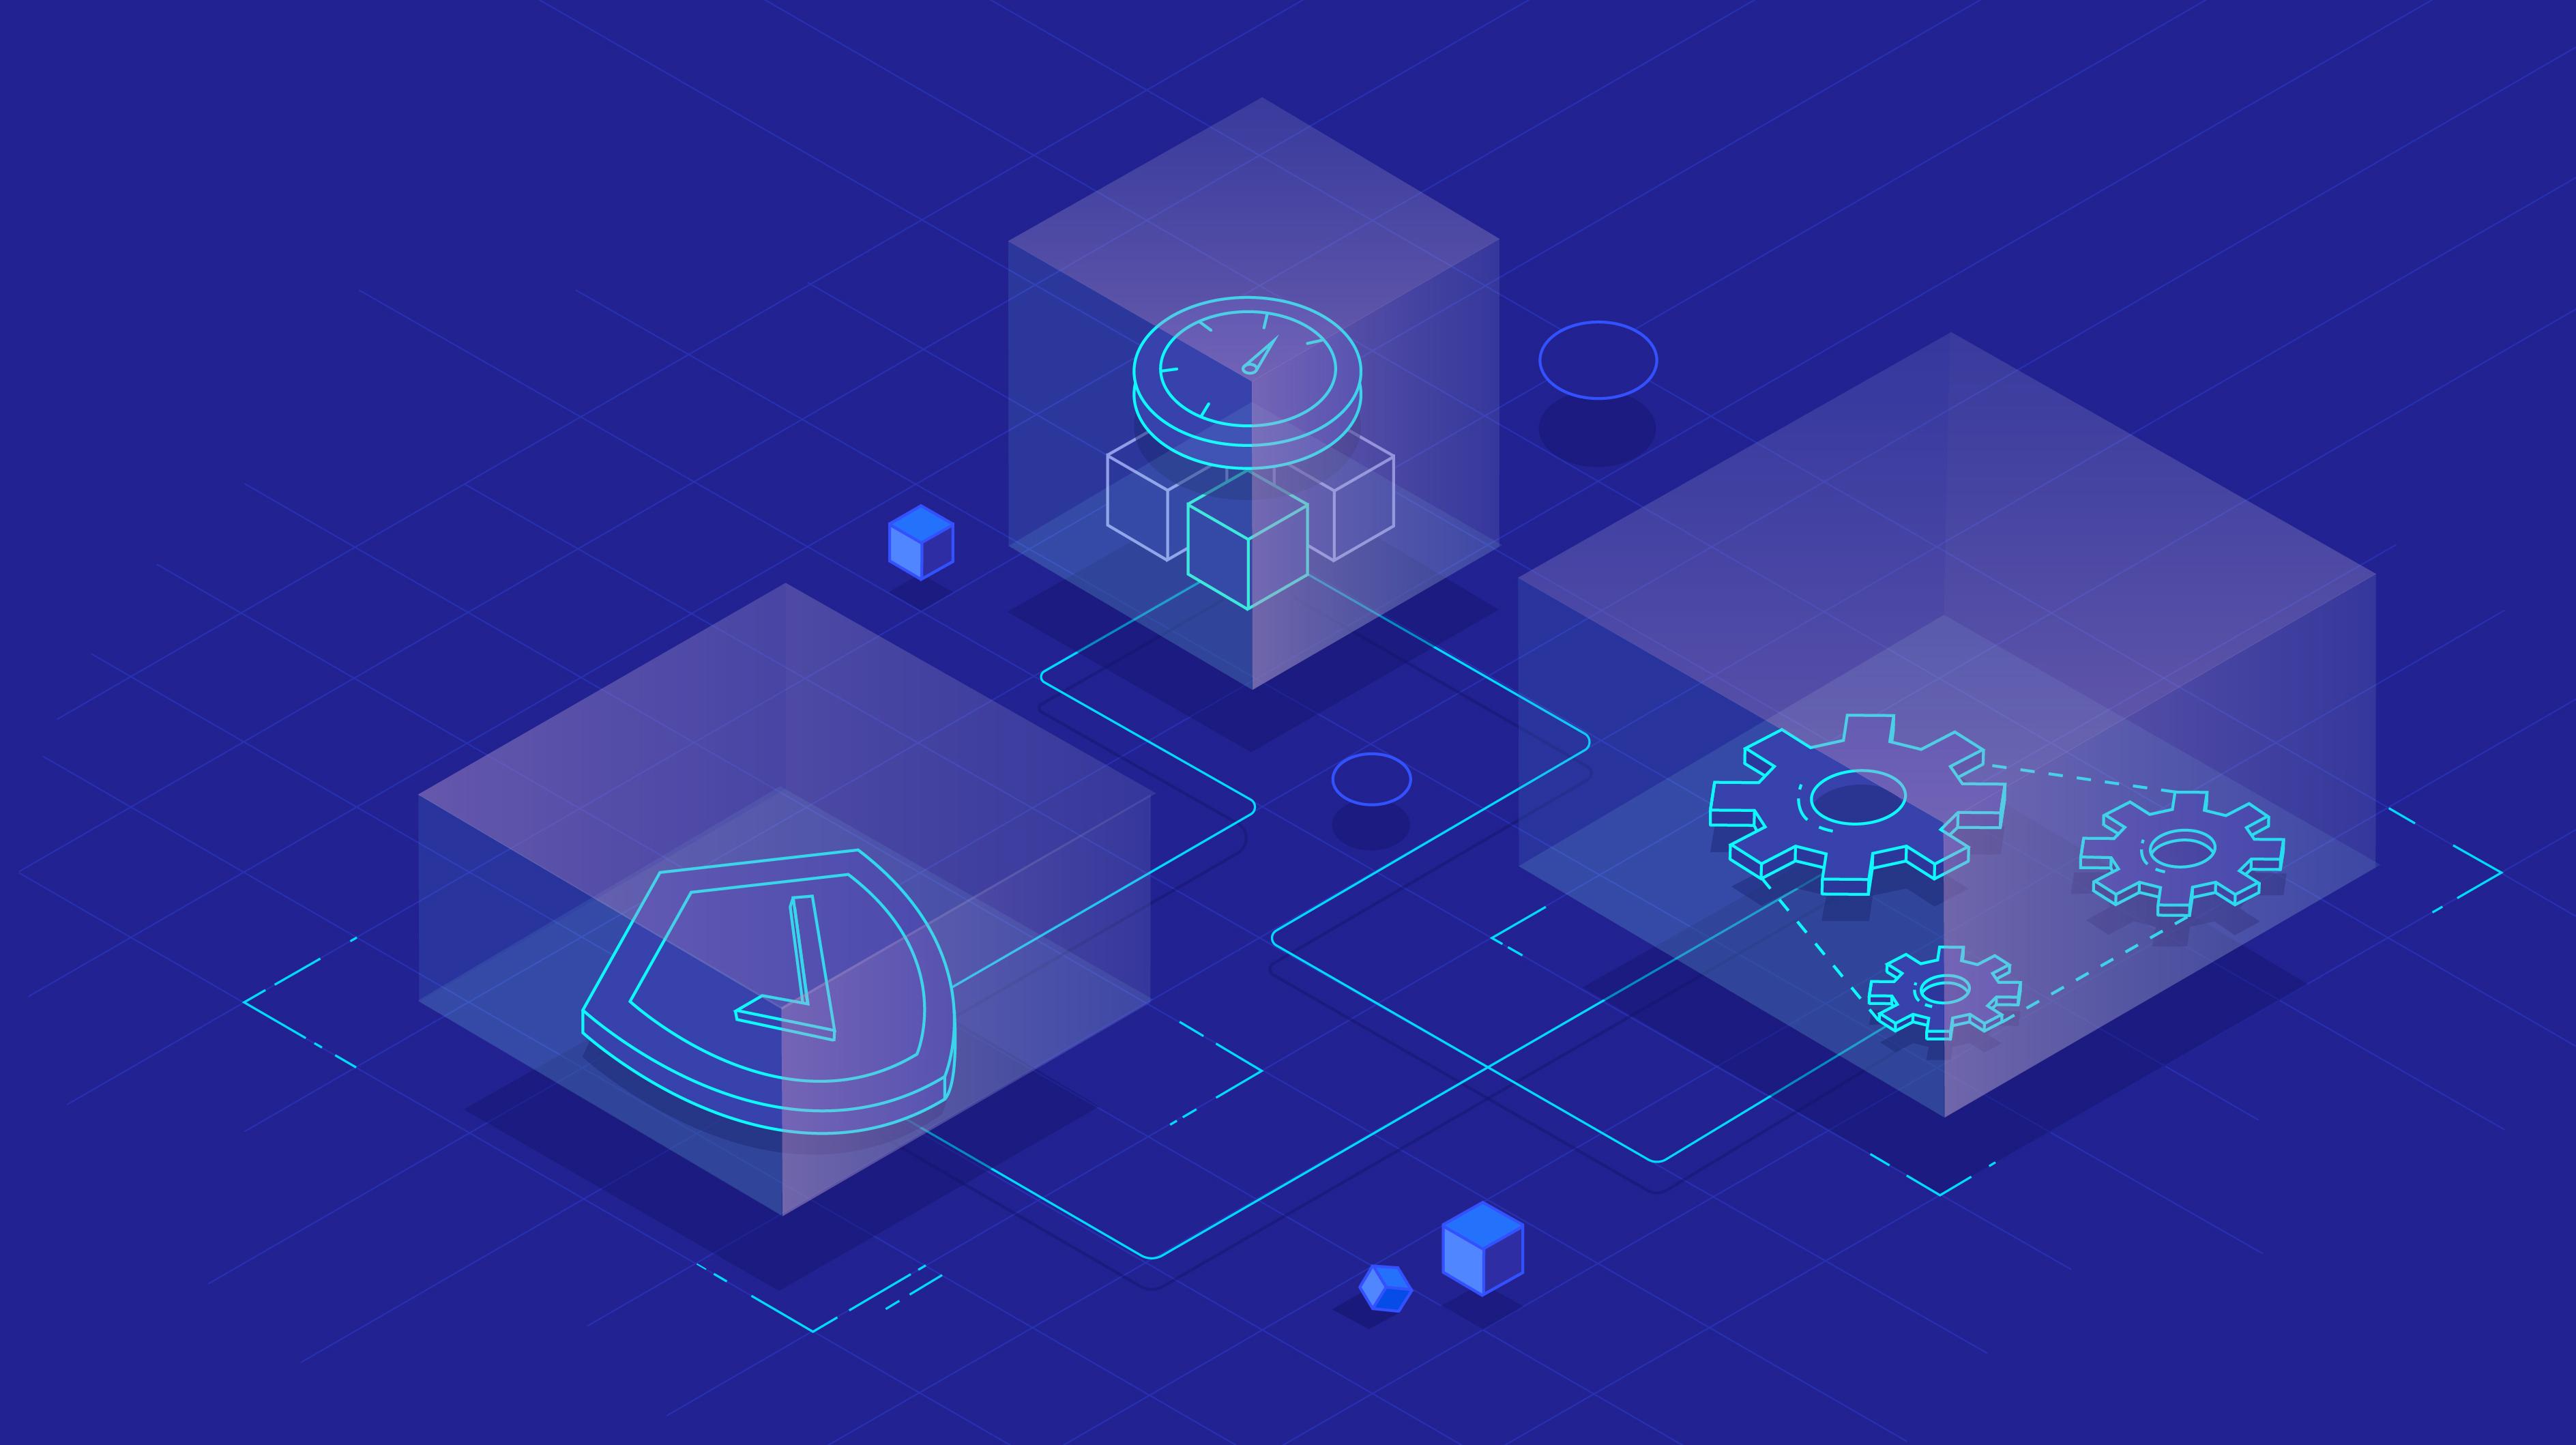 کاتا کانتینر؛ امنیت ماشینهای مجازی و سرعت کانتینرها